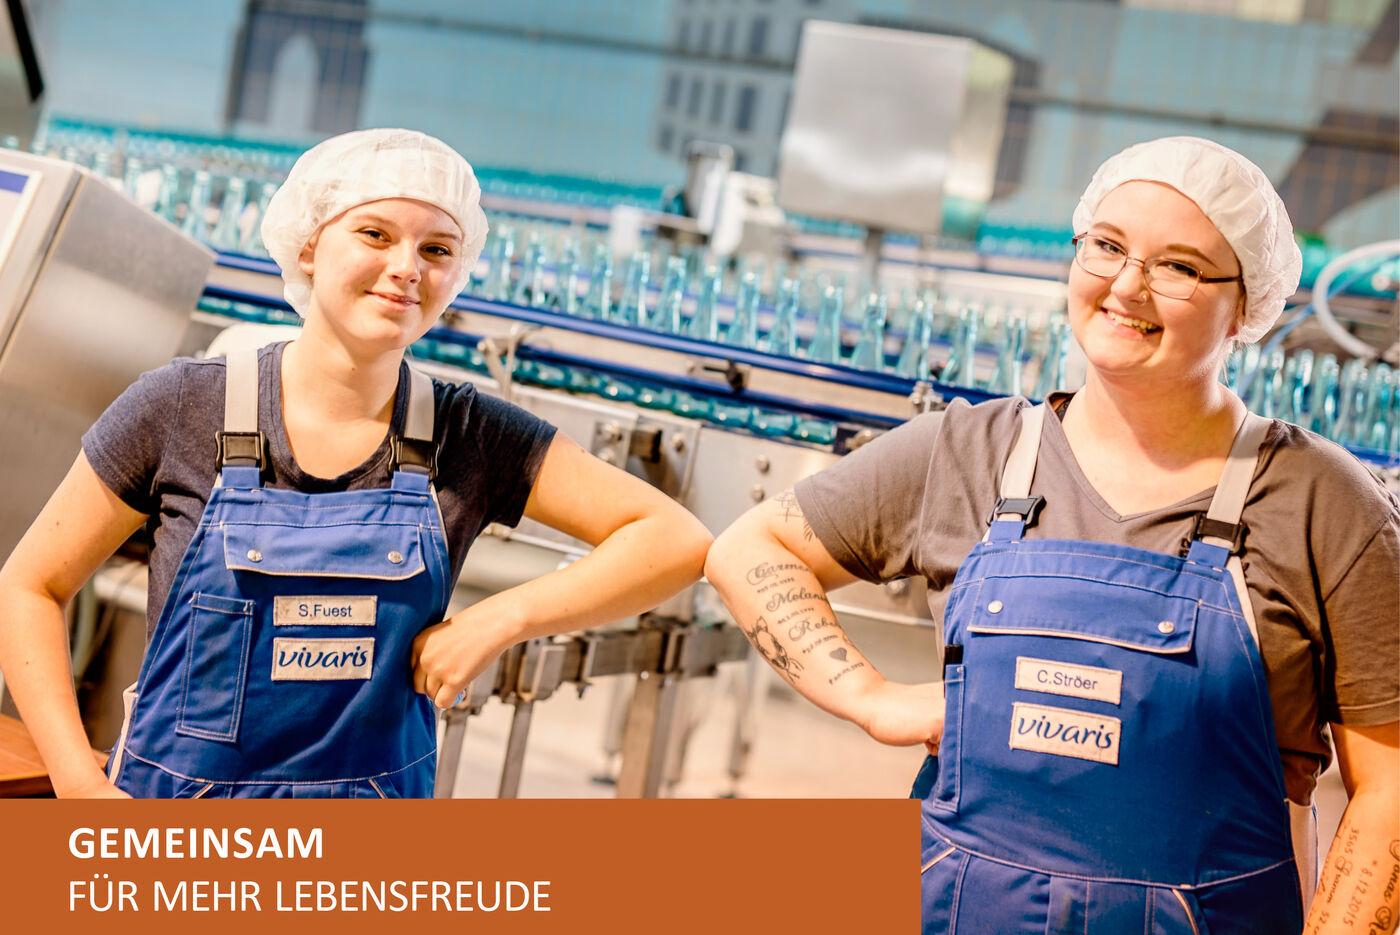 Ausbildung zum Maschinen- und Anlagenführer (w/m/d) - Job Minden, Haselünne - Karriere bei Berentzen